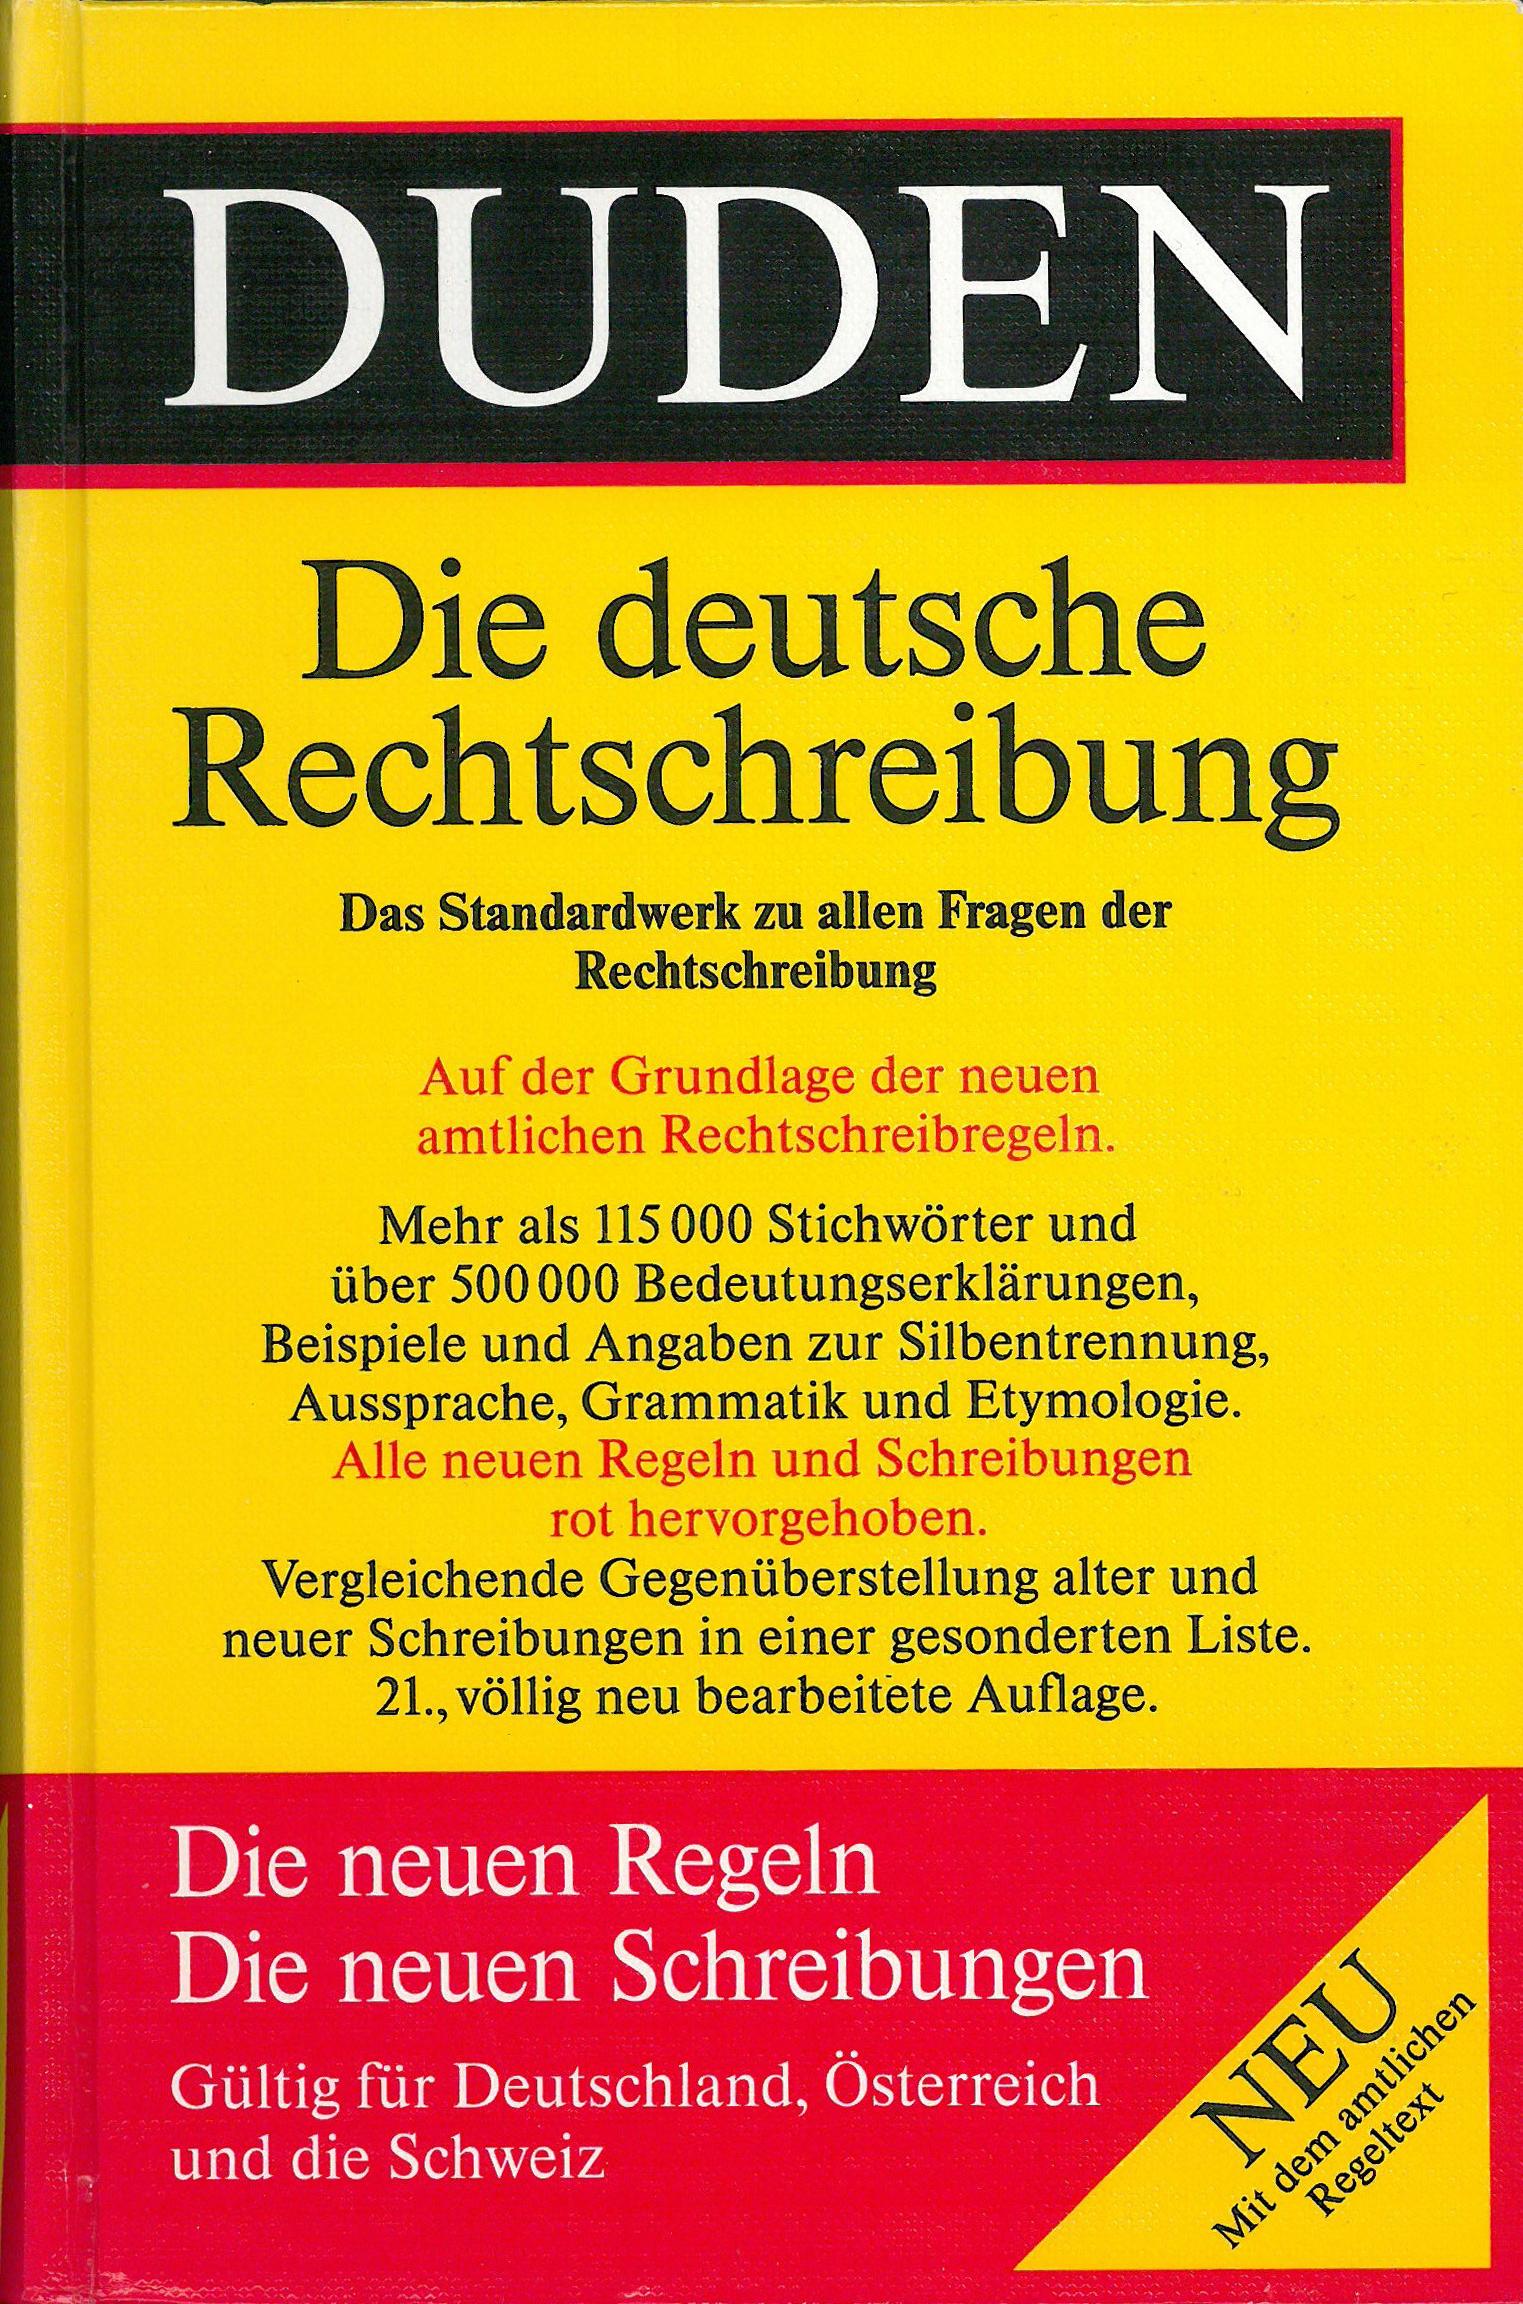 Buchcover Duden von 1996